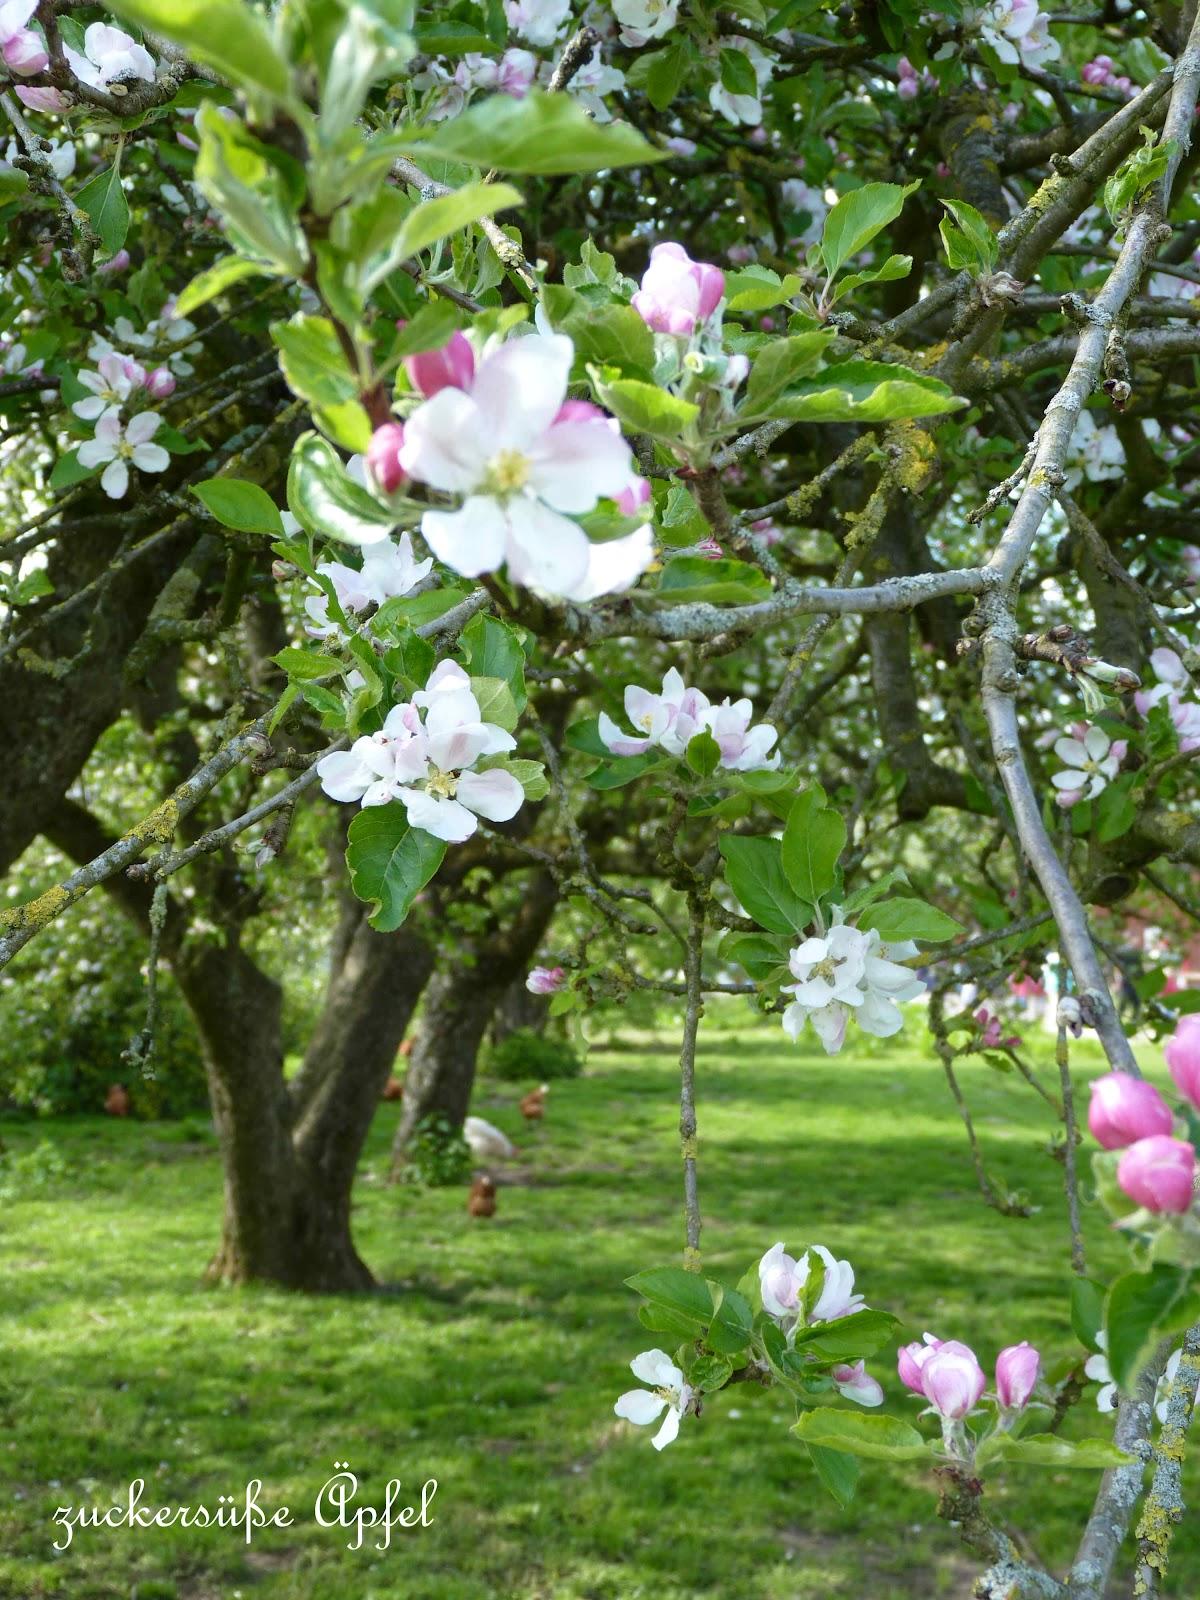 Apfelbluten Und Eine Gewinnerin Zuckersusse Apfel Kreativer